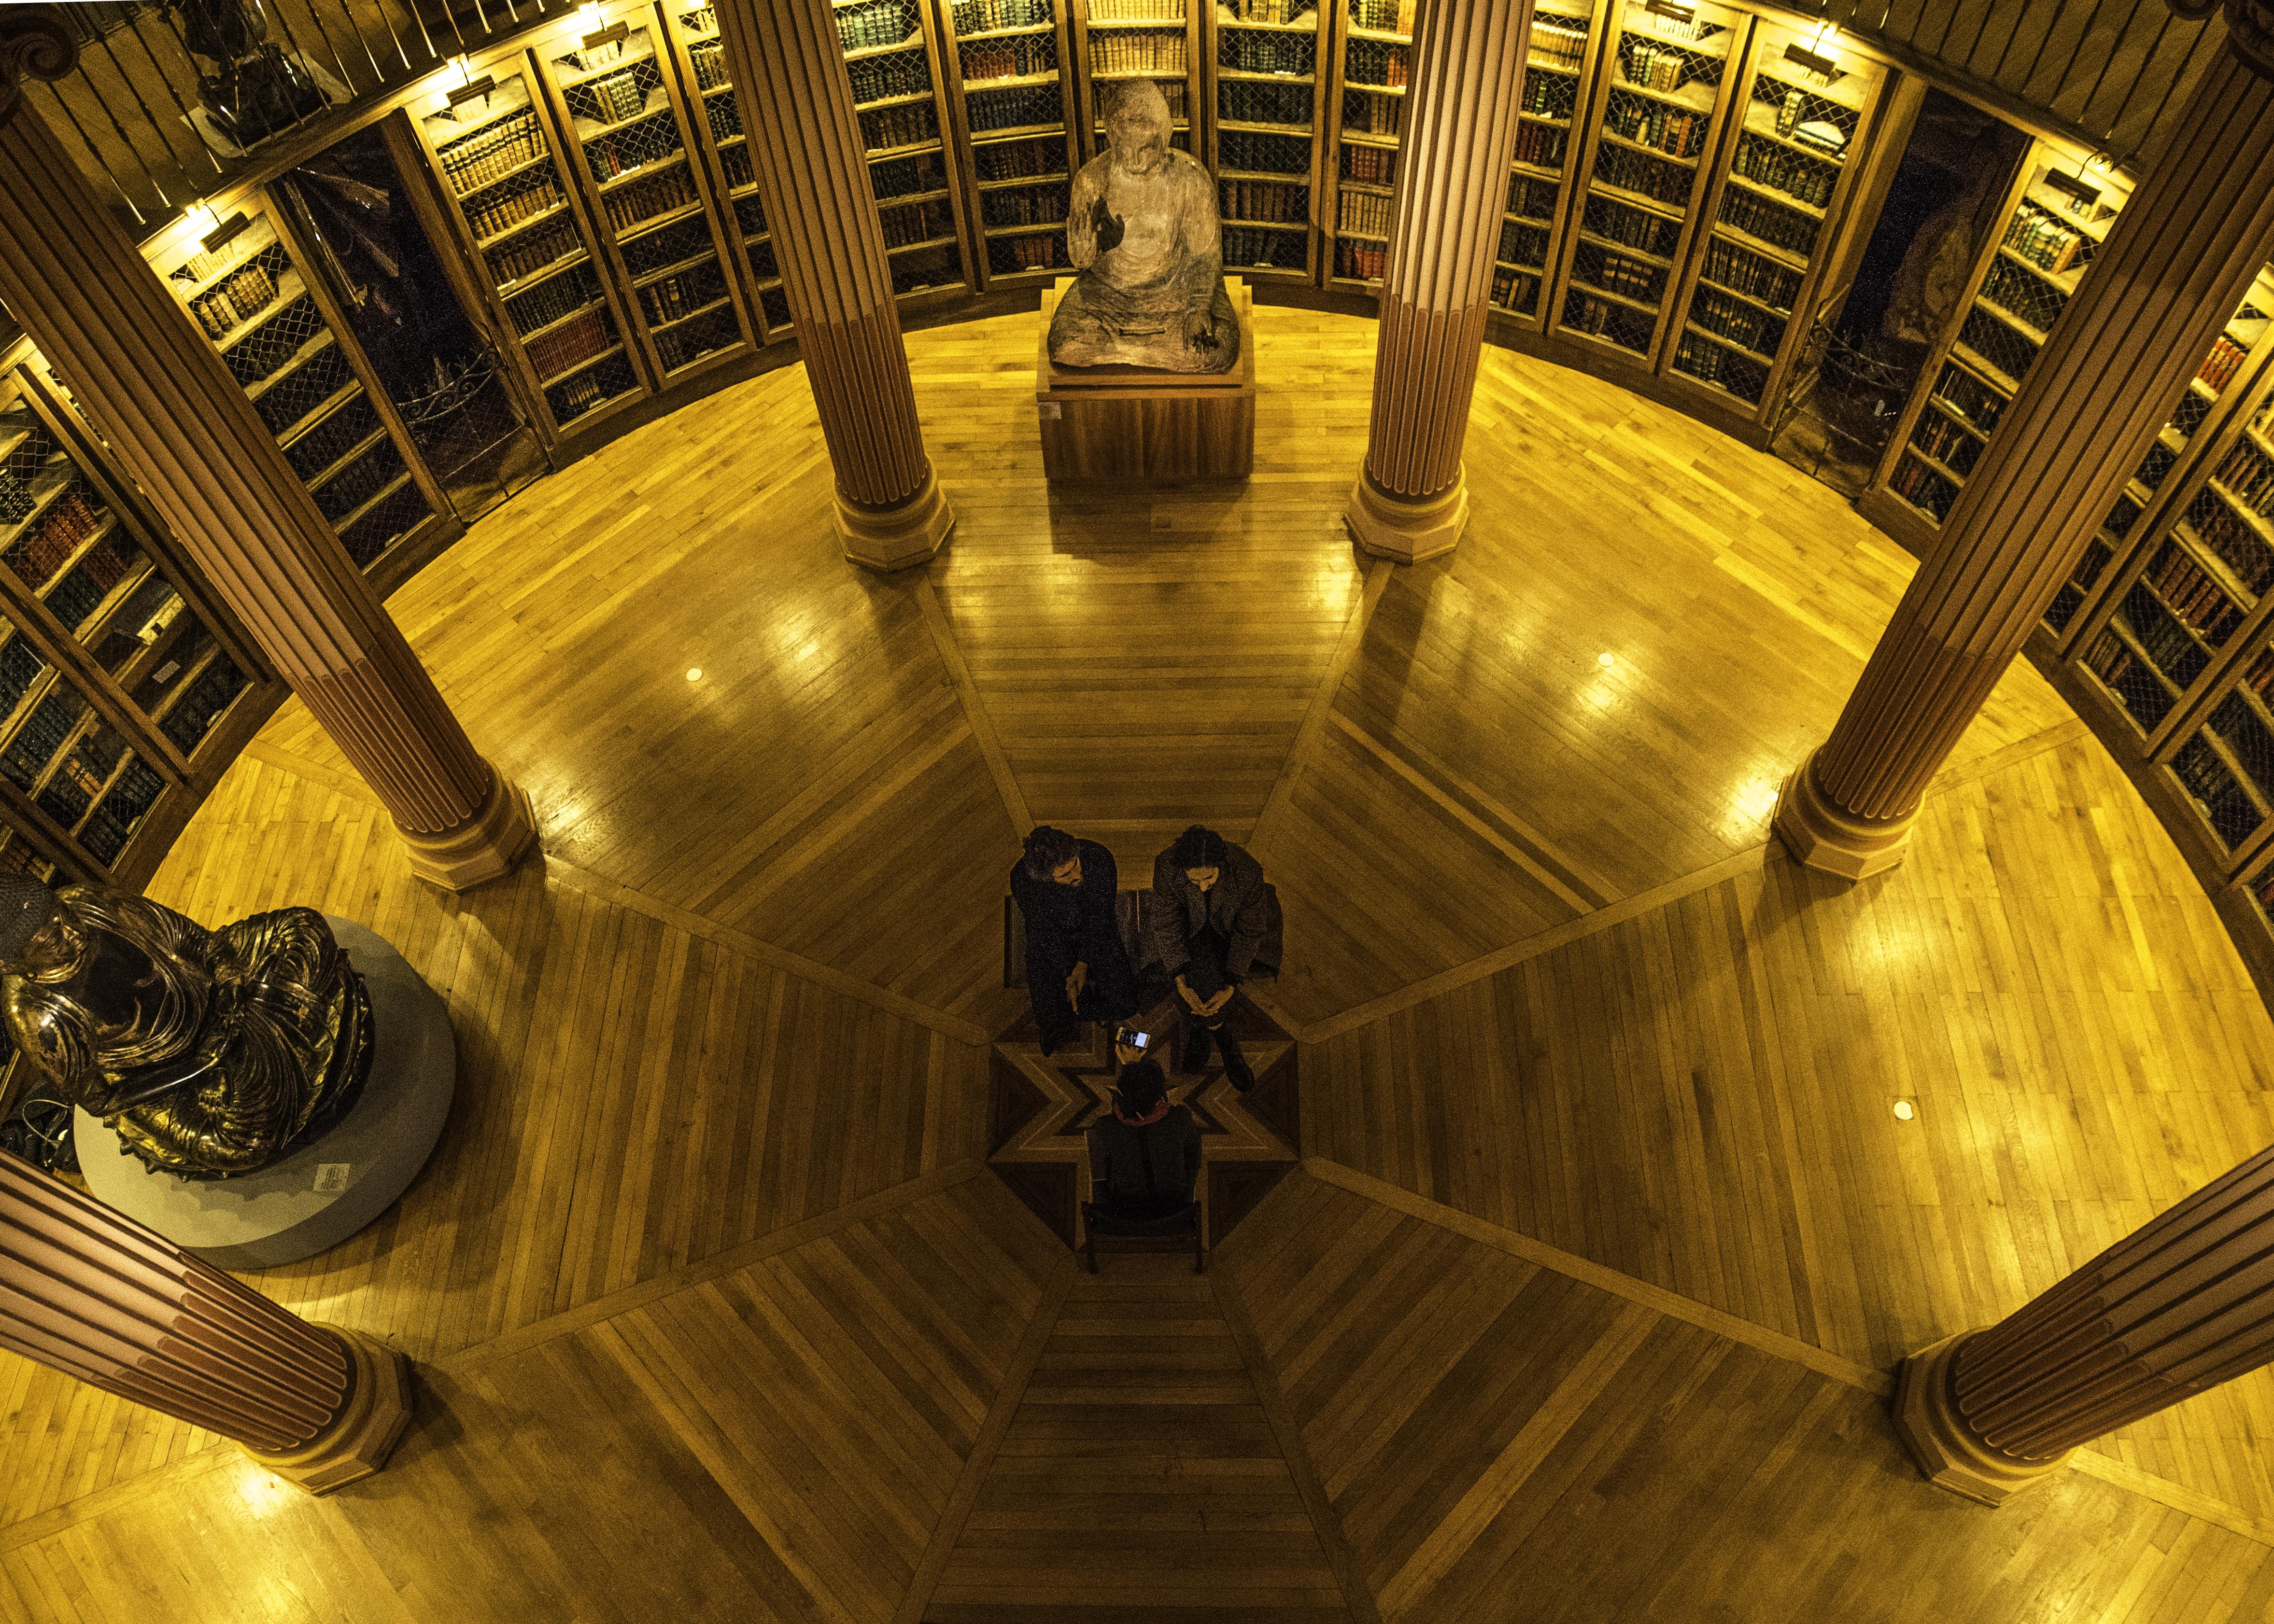 Feu ! Chatterton, entrevue à la bibliothèque du Musée Guimet